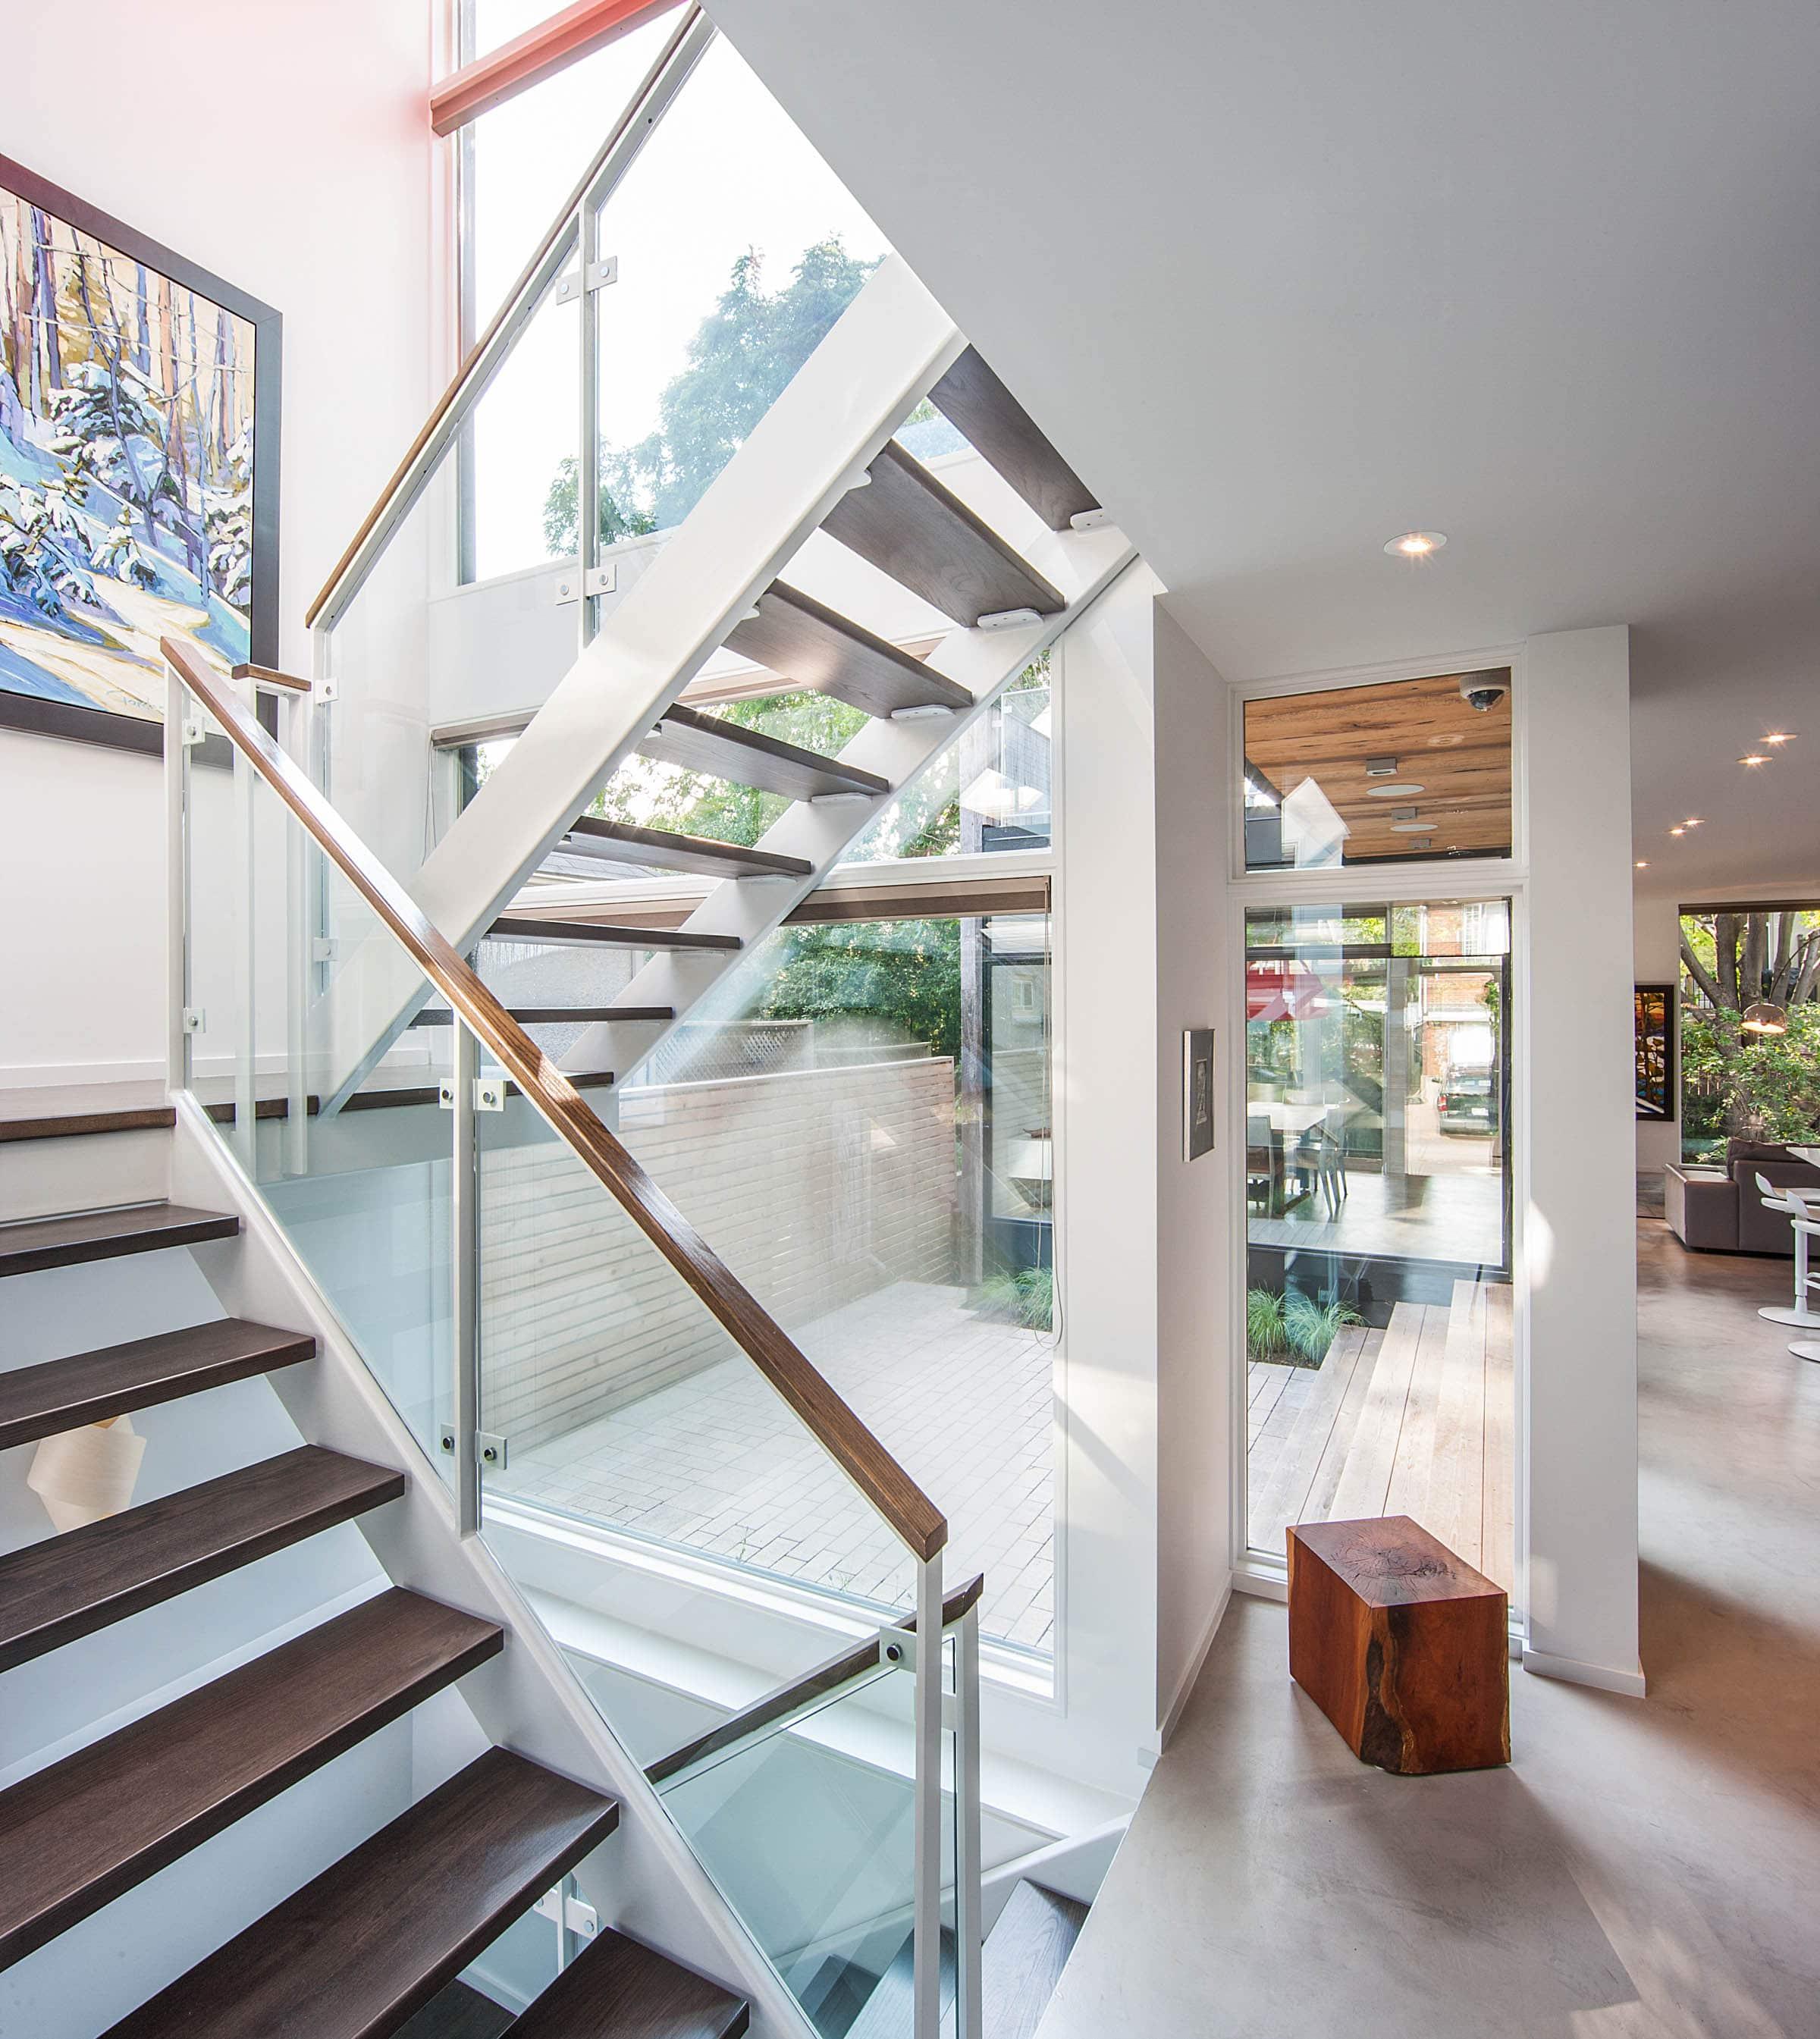 Dise o de casa de dos plantas en esquina fachada e interior construye hogar for Diseno de interiores de casas de dos plantas